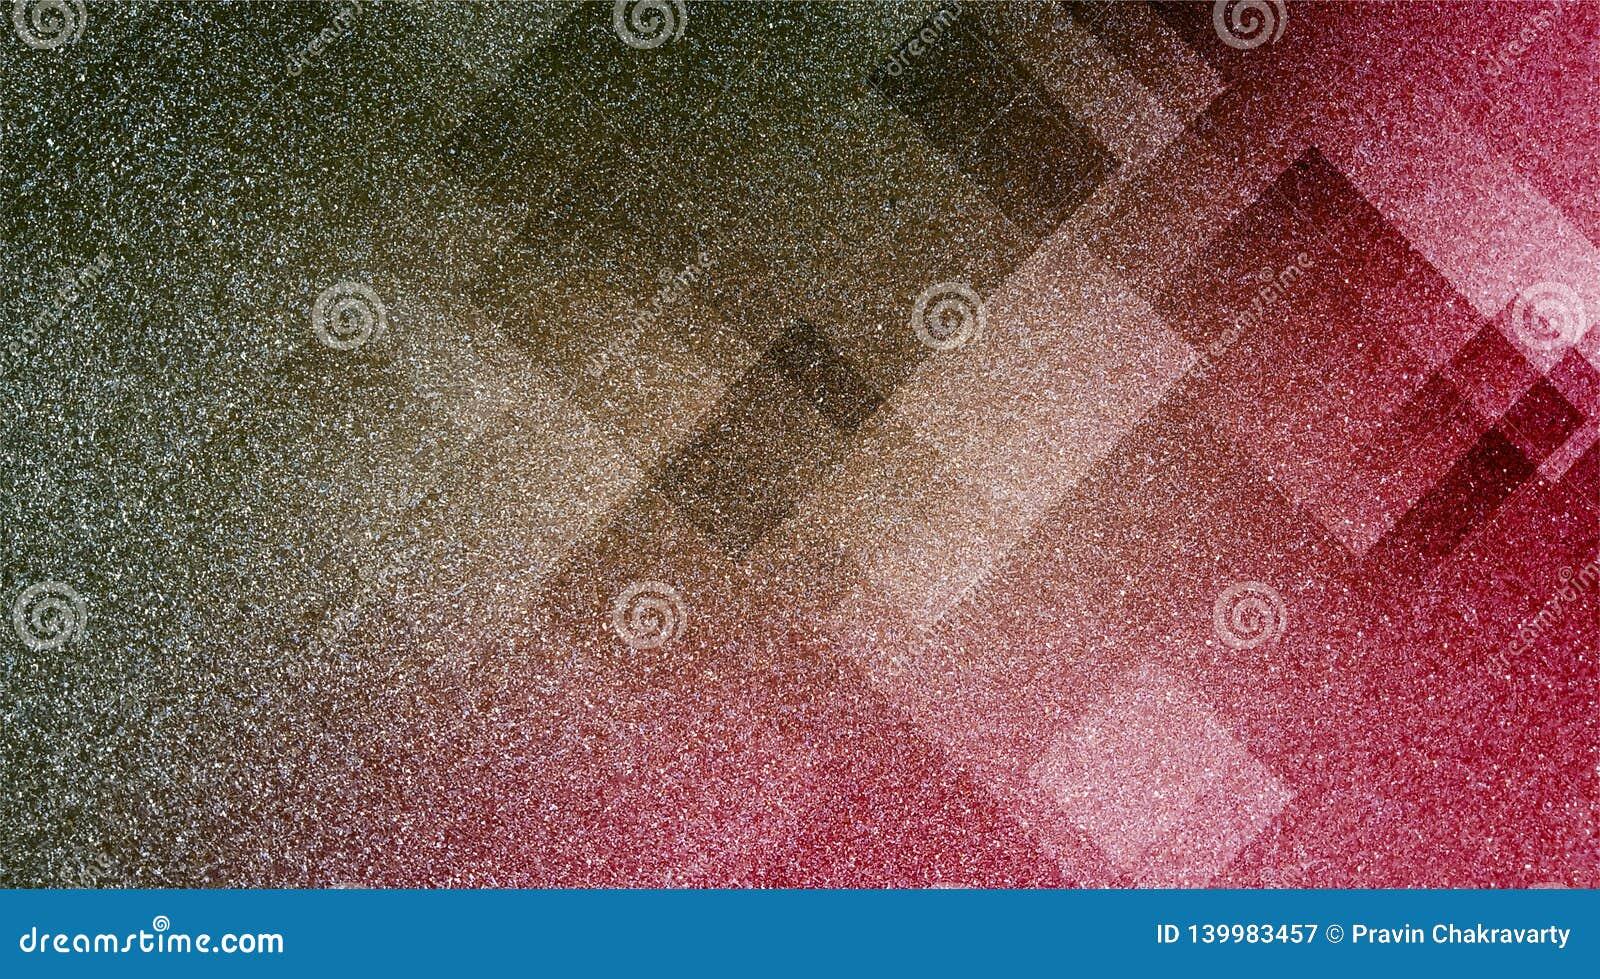 Το αφηρημένο καφετί και ρόδινο υπόβαθρο σκίασε το ριγωτούς σχέδιο και τους φραγμούς στις διαγώνιες γραμμές με την εκλεκτής ποιότη